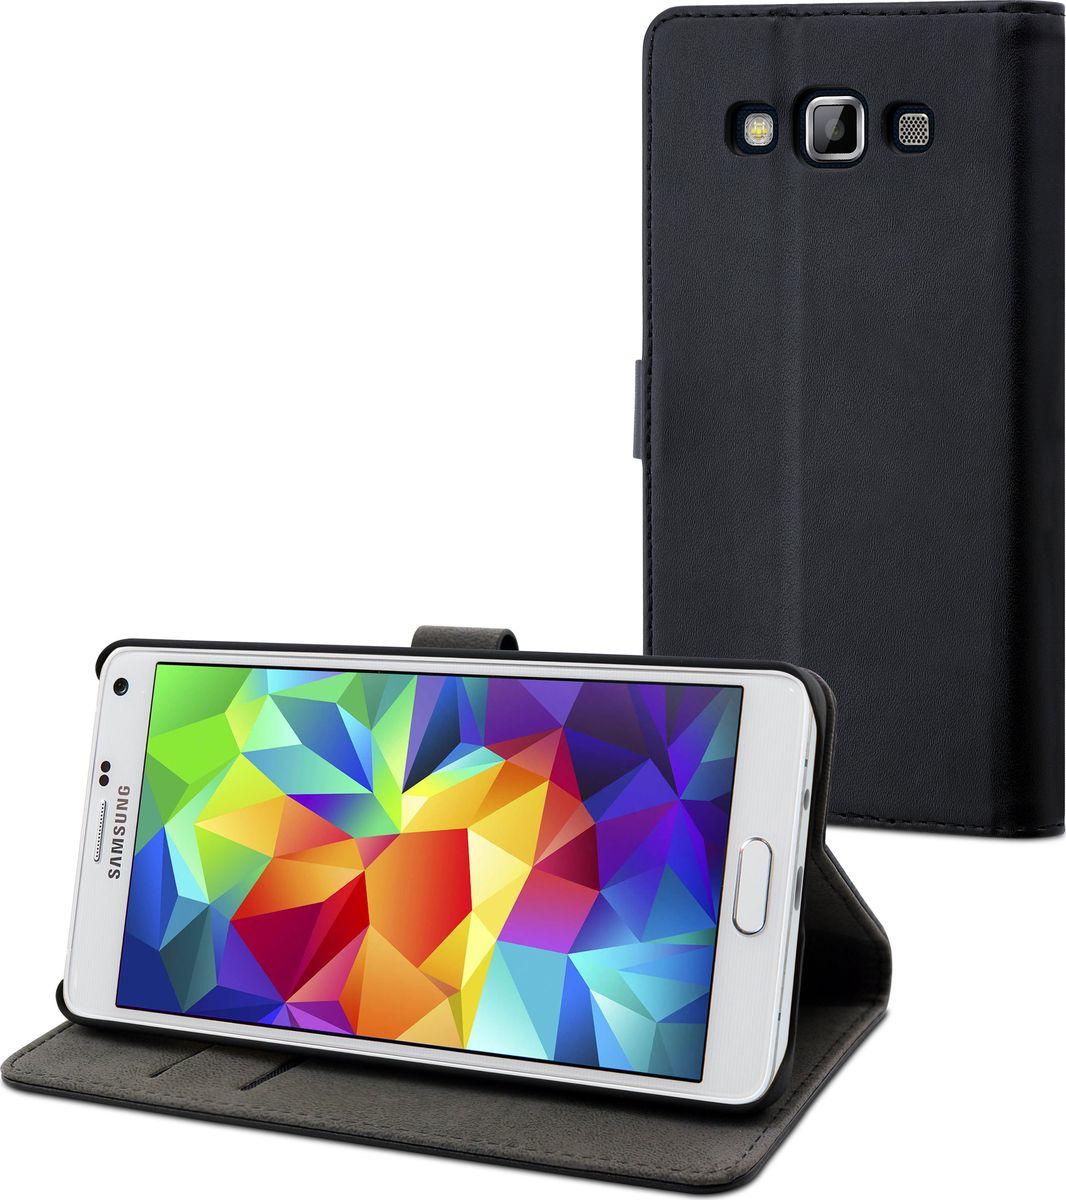 Чехол для сотового телефона Muvit Slim S Folio для Samsung Galaxy A5 (SM-A500F), MUSLI0619, черный аккумулятор для телефона craftmann eb ba500abe для samsung galaxy a5 2015 sm a500f sm a500h